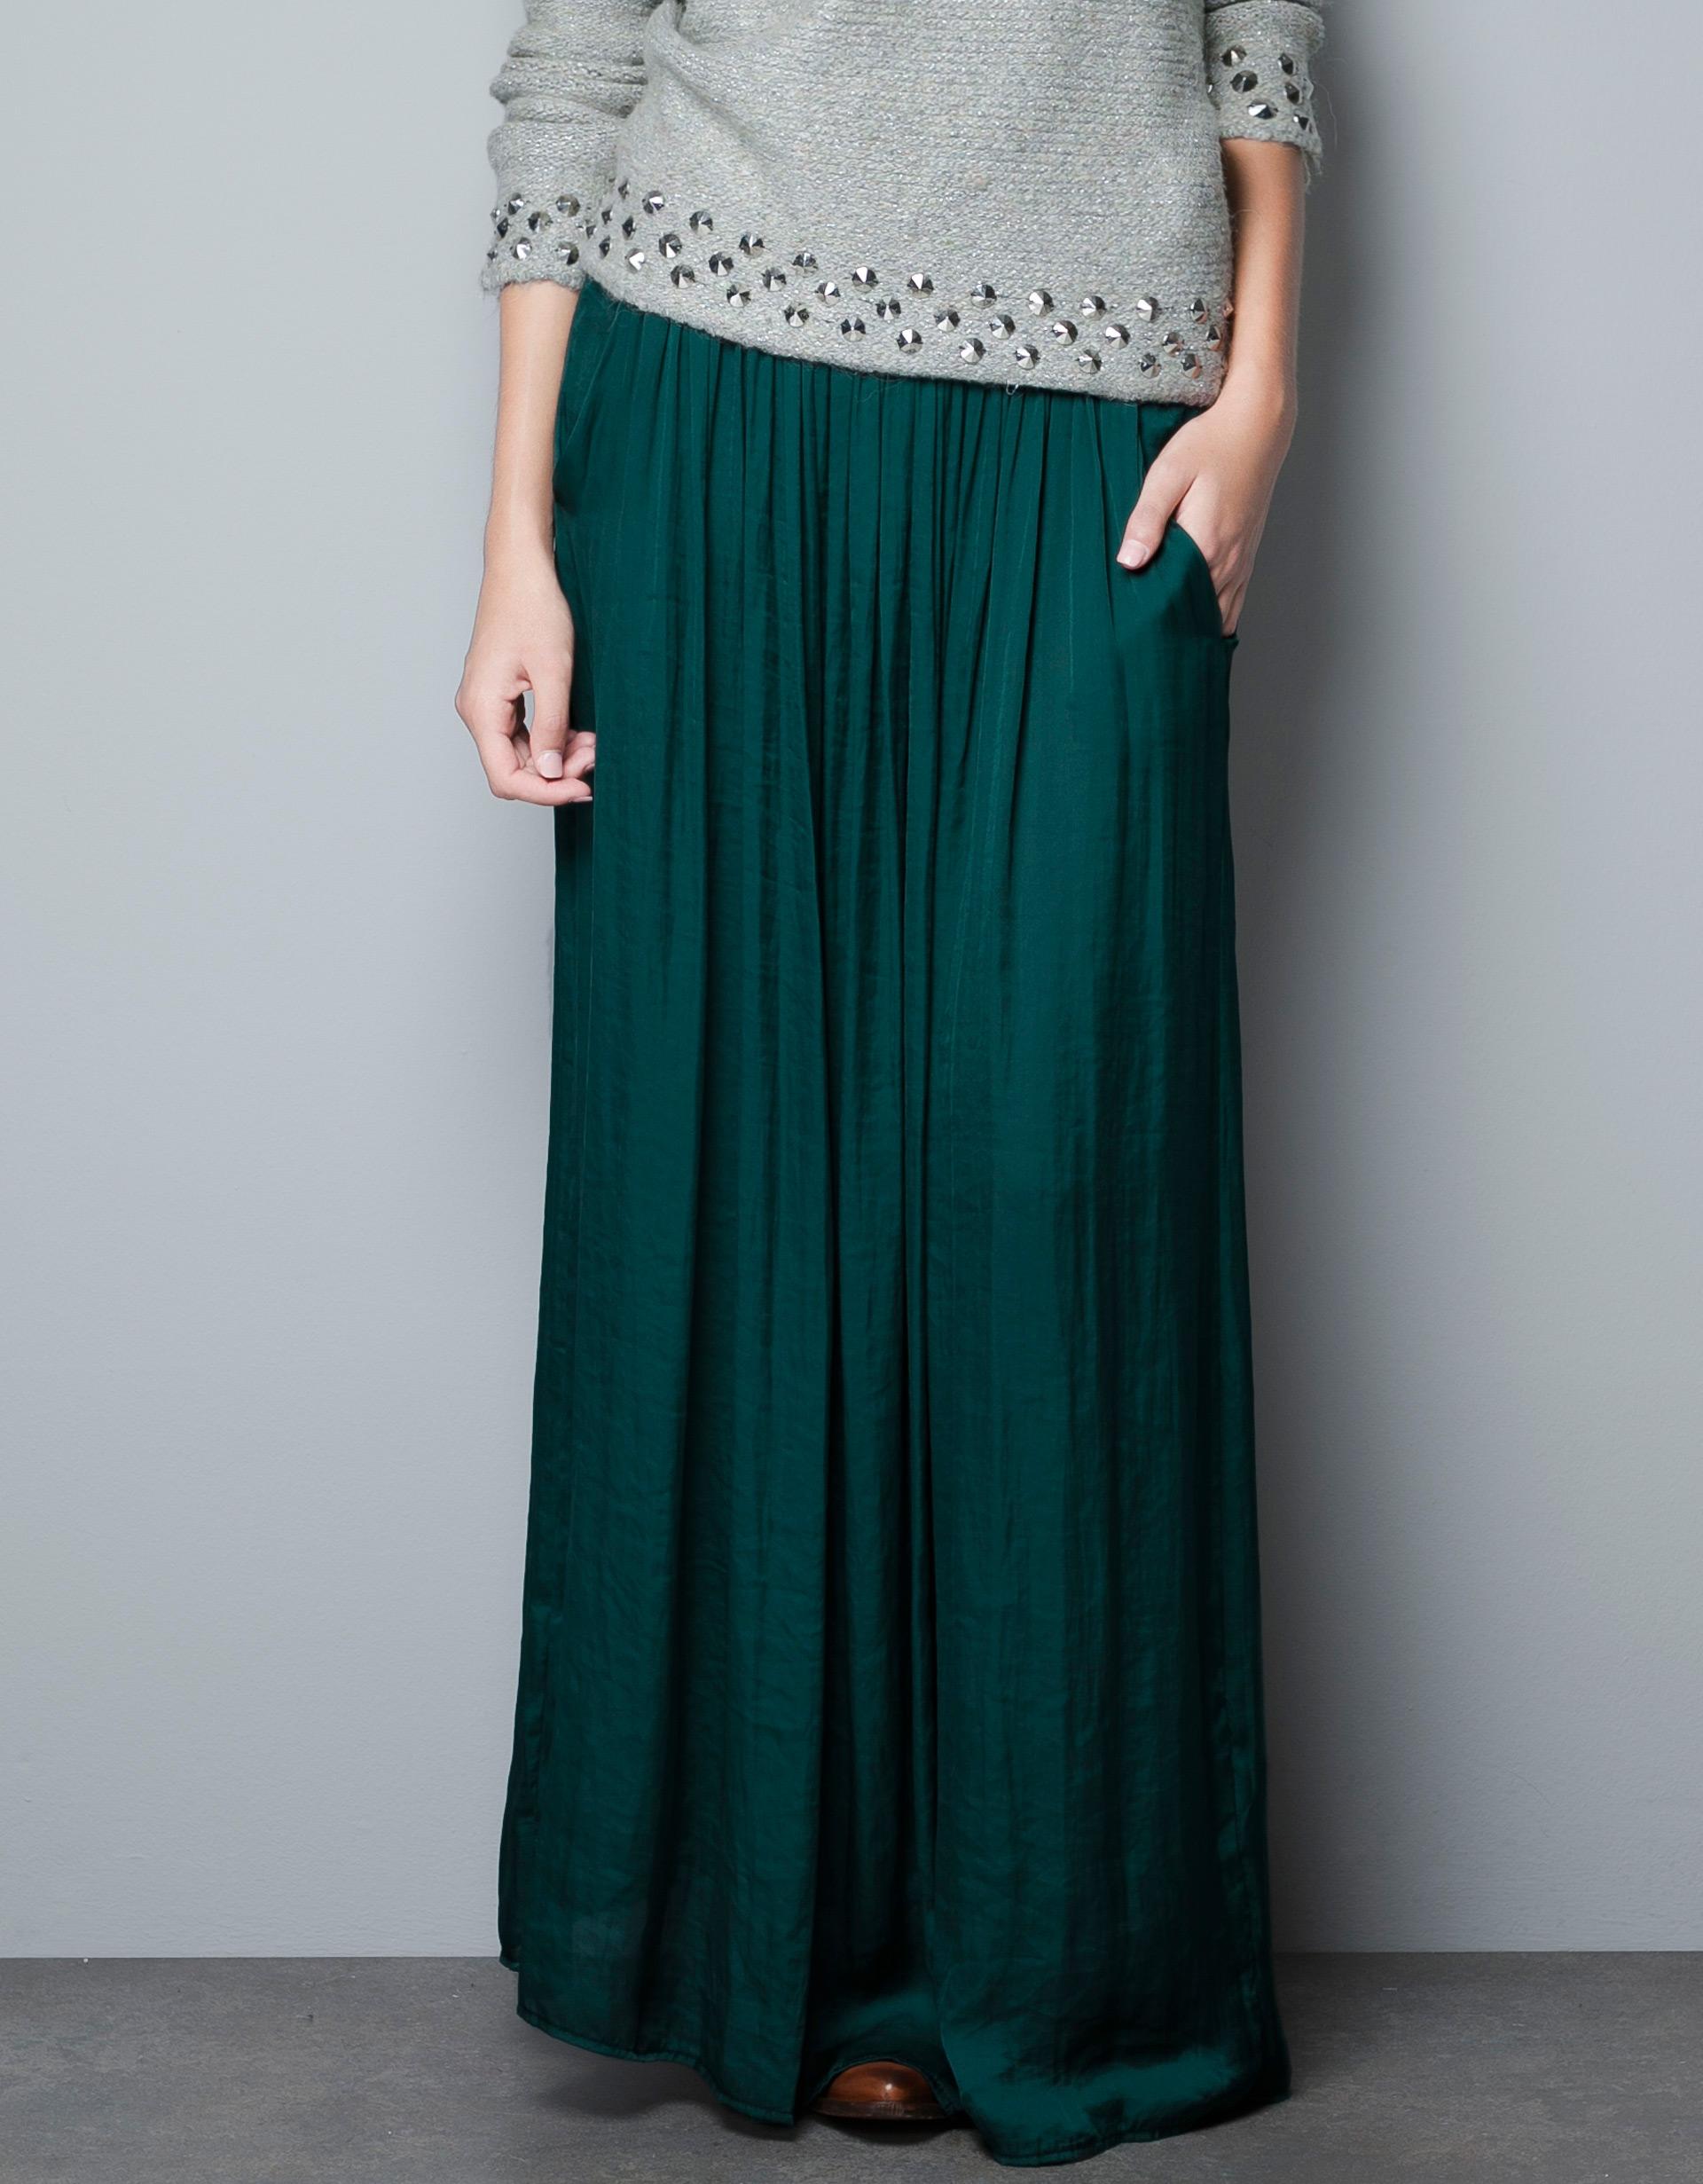 Green Long Skirt - Skirts